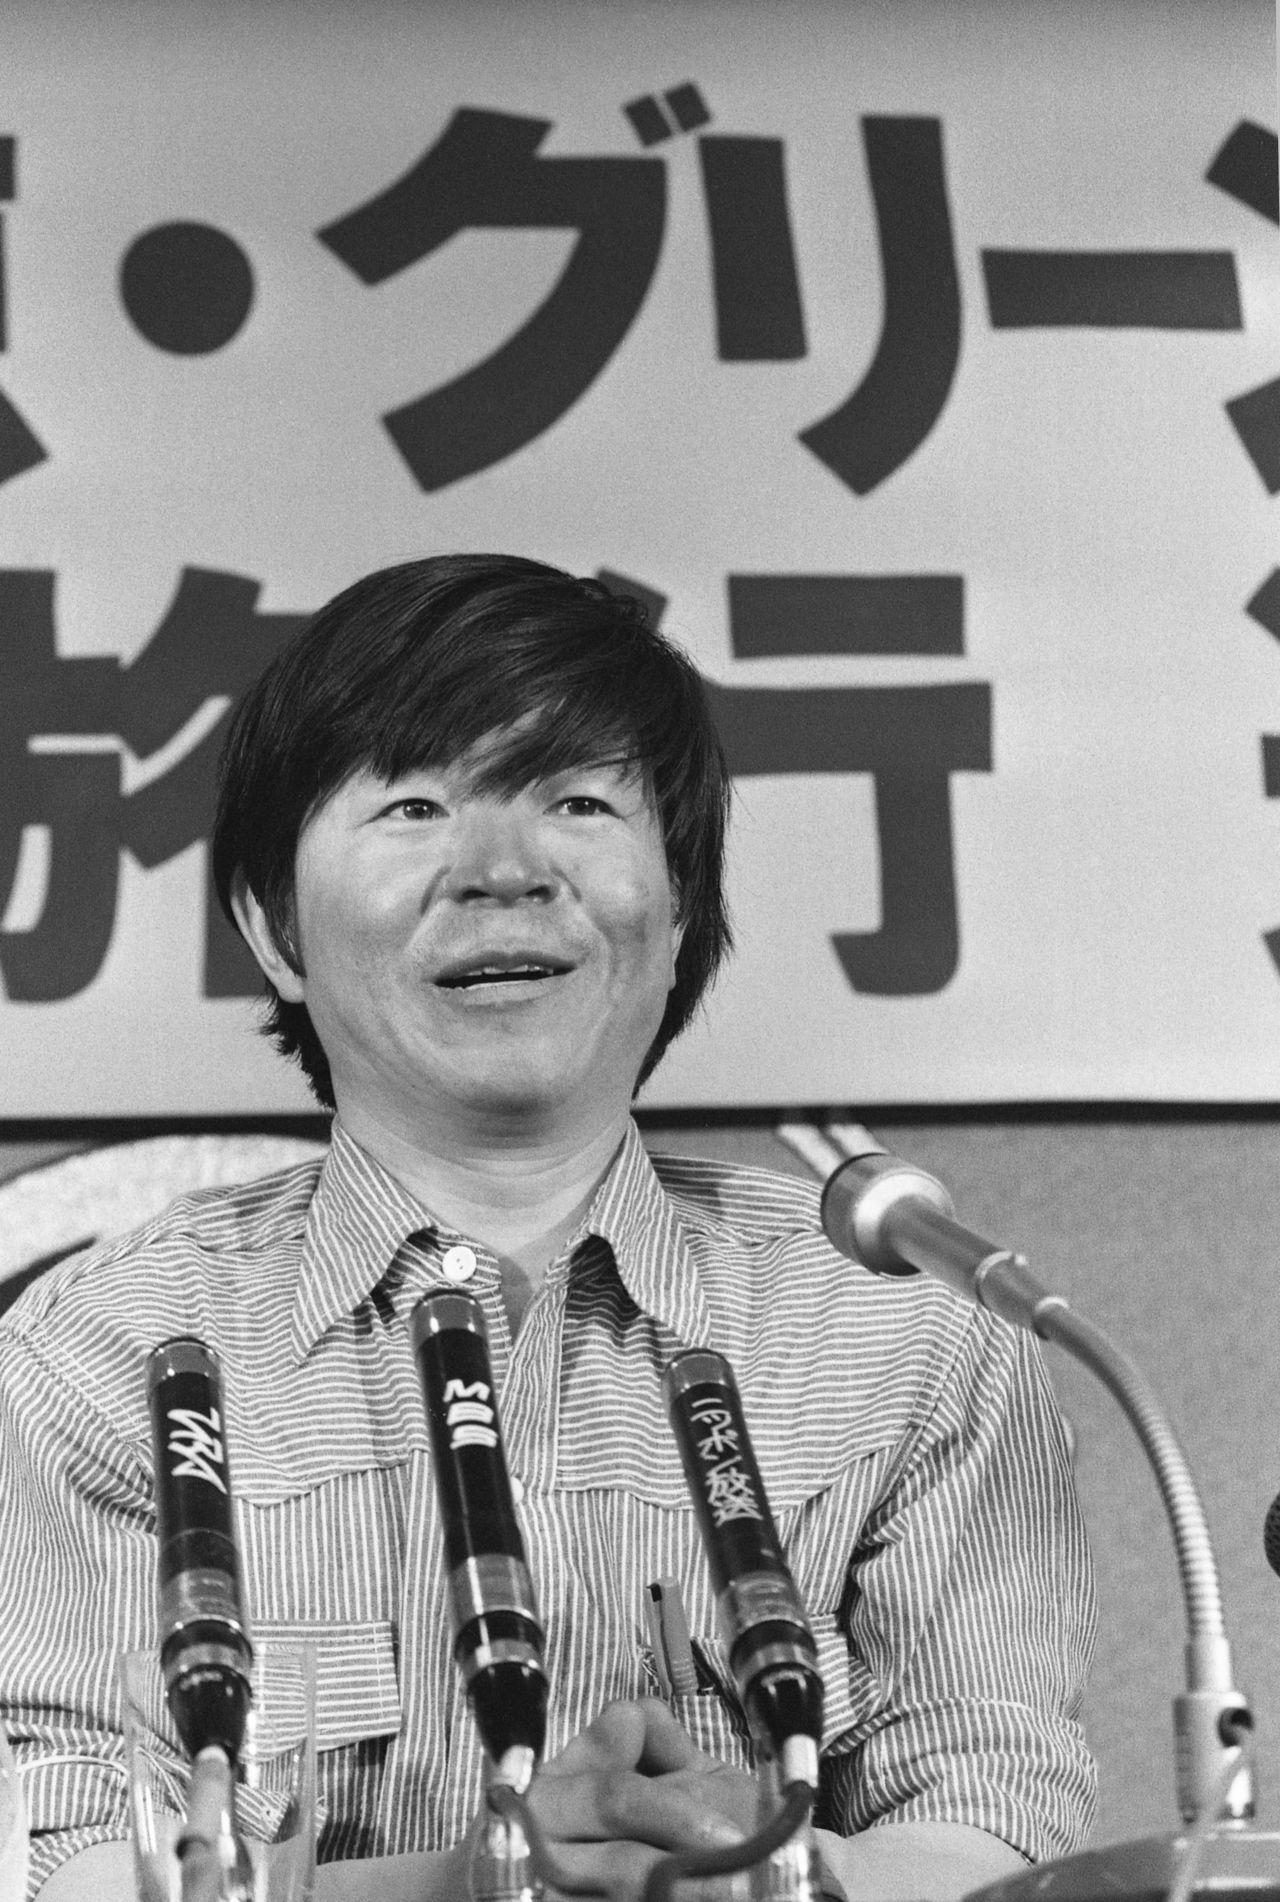 Uemura berbicara di Klub Pers Nasional Jepang pada tanggal 1 September 1978, setelah penyeberangannya di Greenland. (© Jiji)